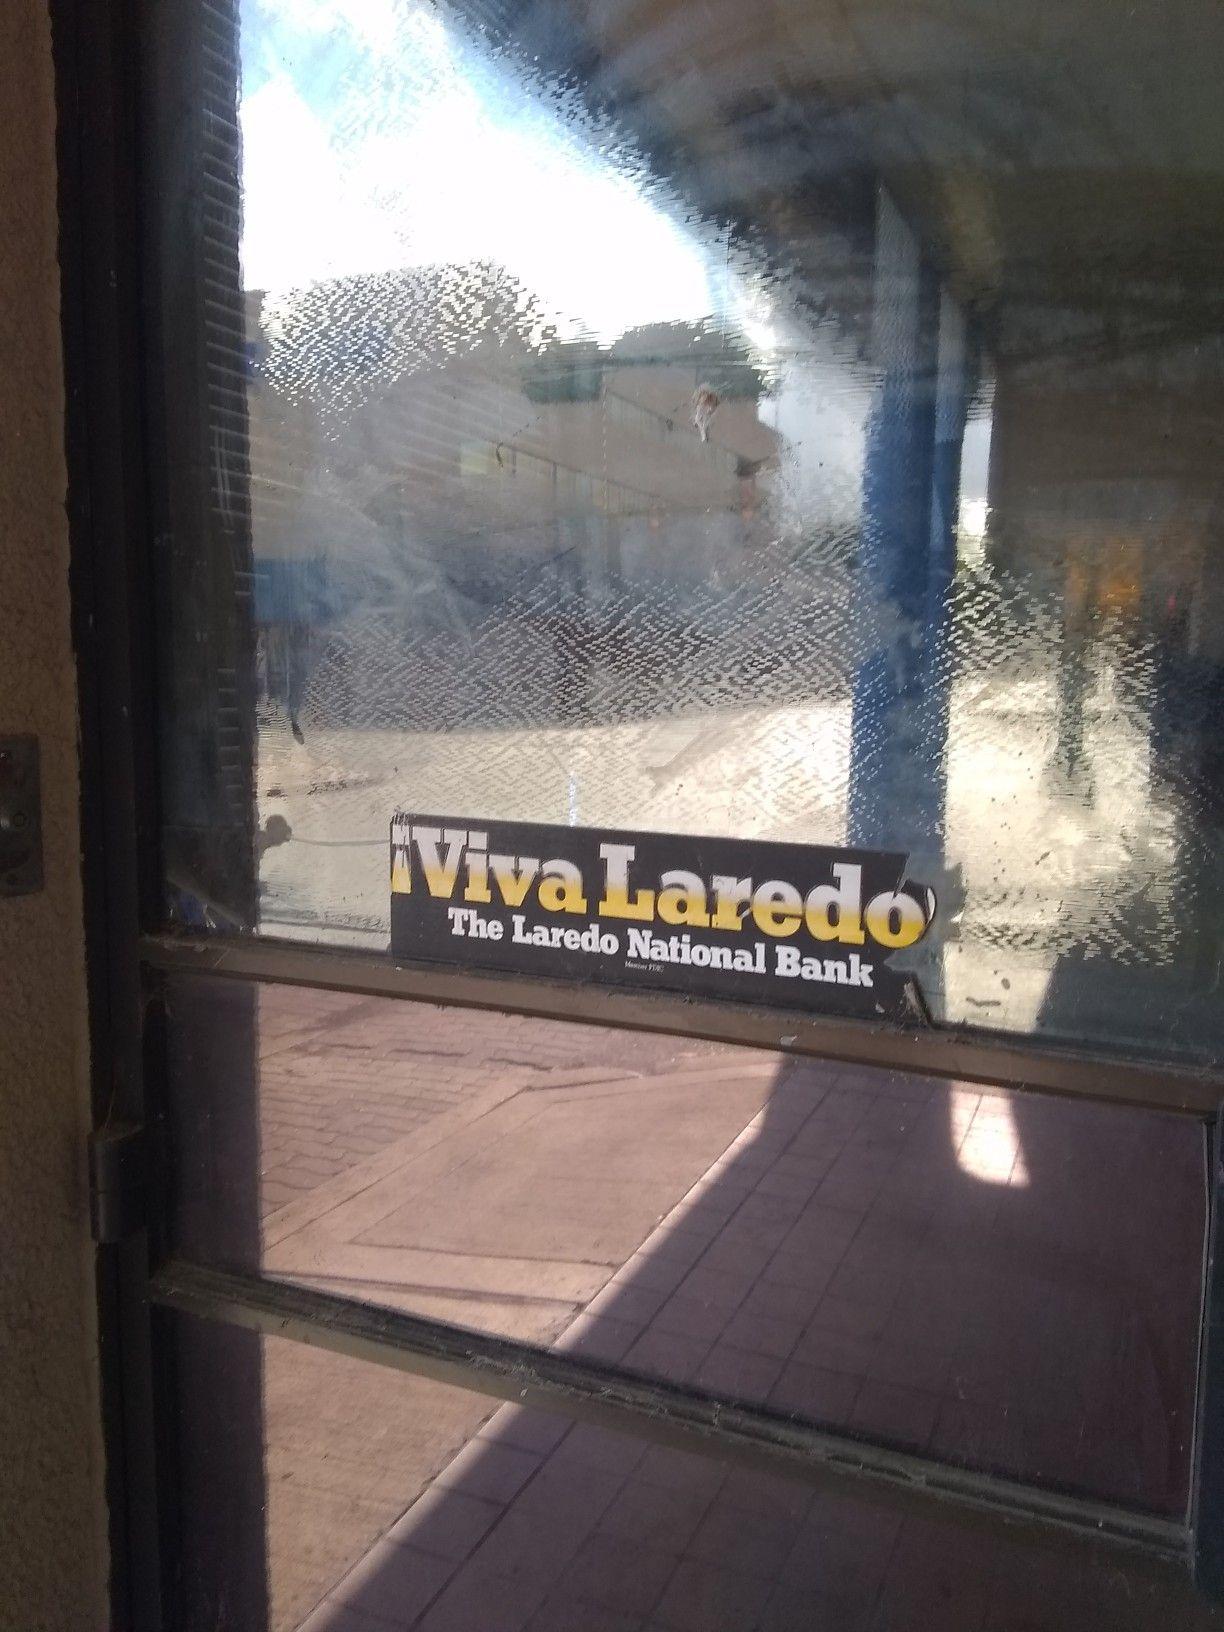 Viva Laredo Bumper Sticker In 2020 Laredo Laredo Texas Bumper Stickers